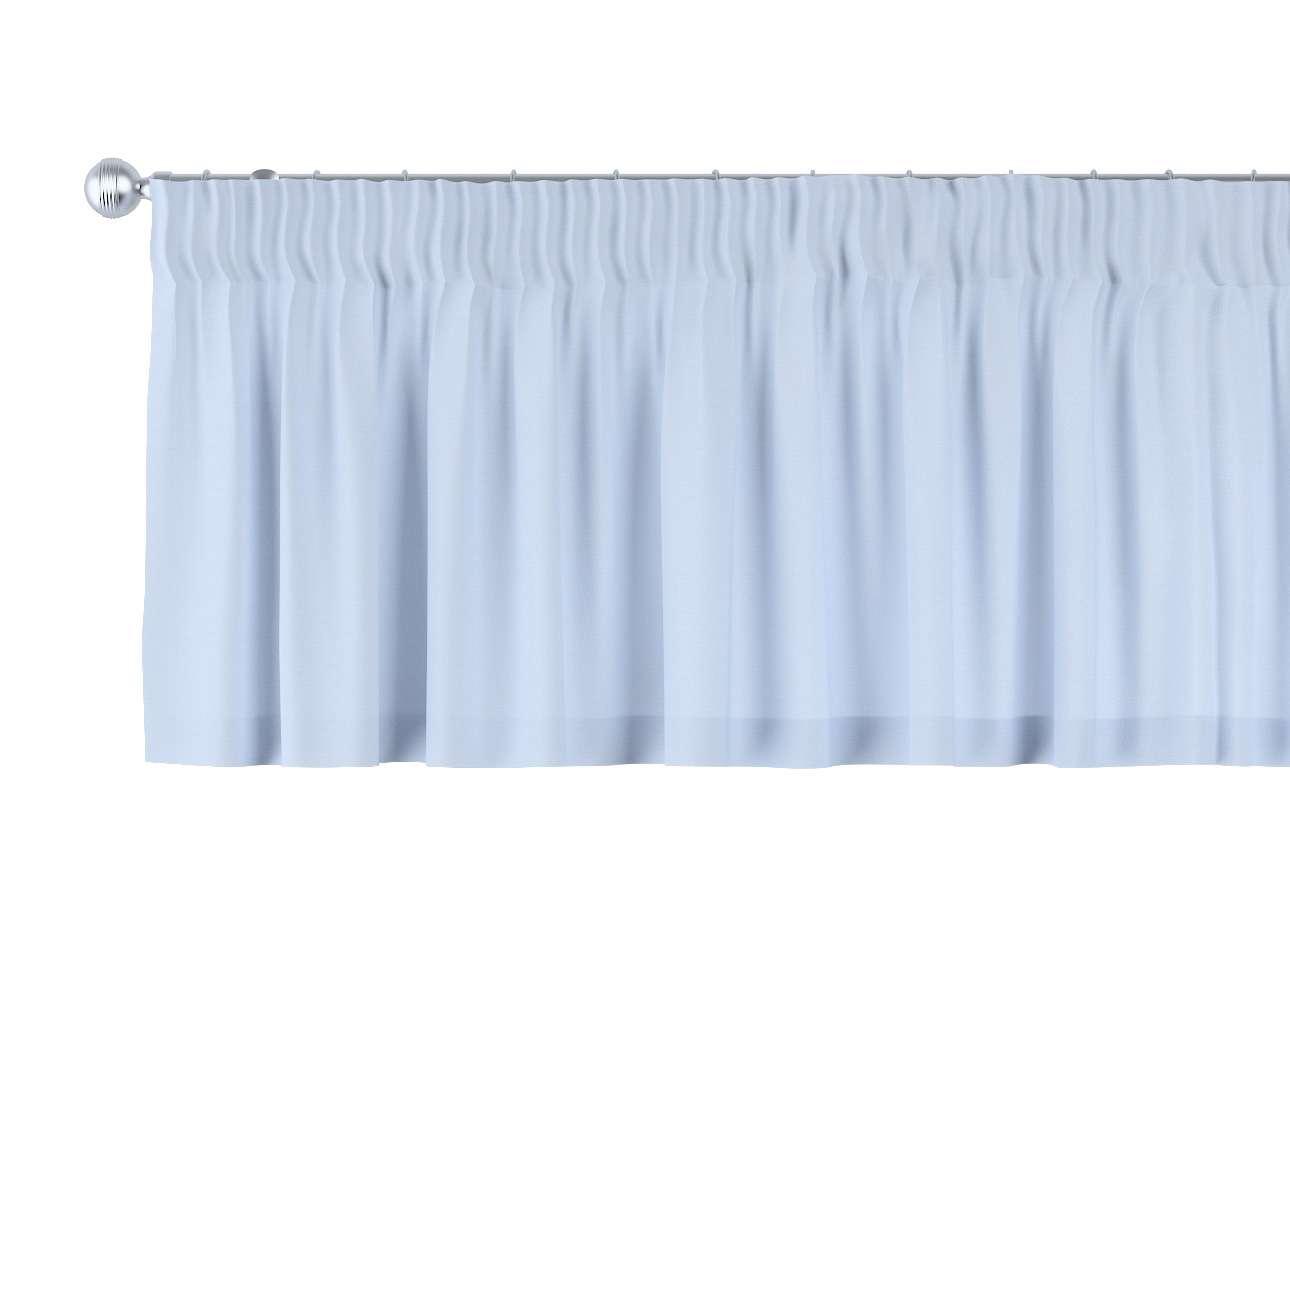 Lambrekin na taśmie marszczącej 130 x 40 cm w kolekcji Loneta, tkanina: 133-35